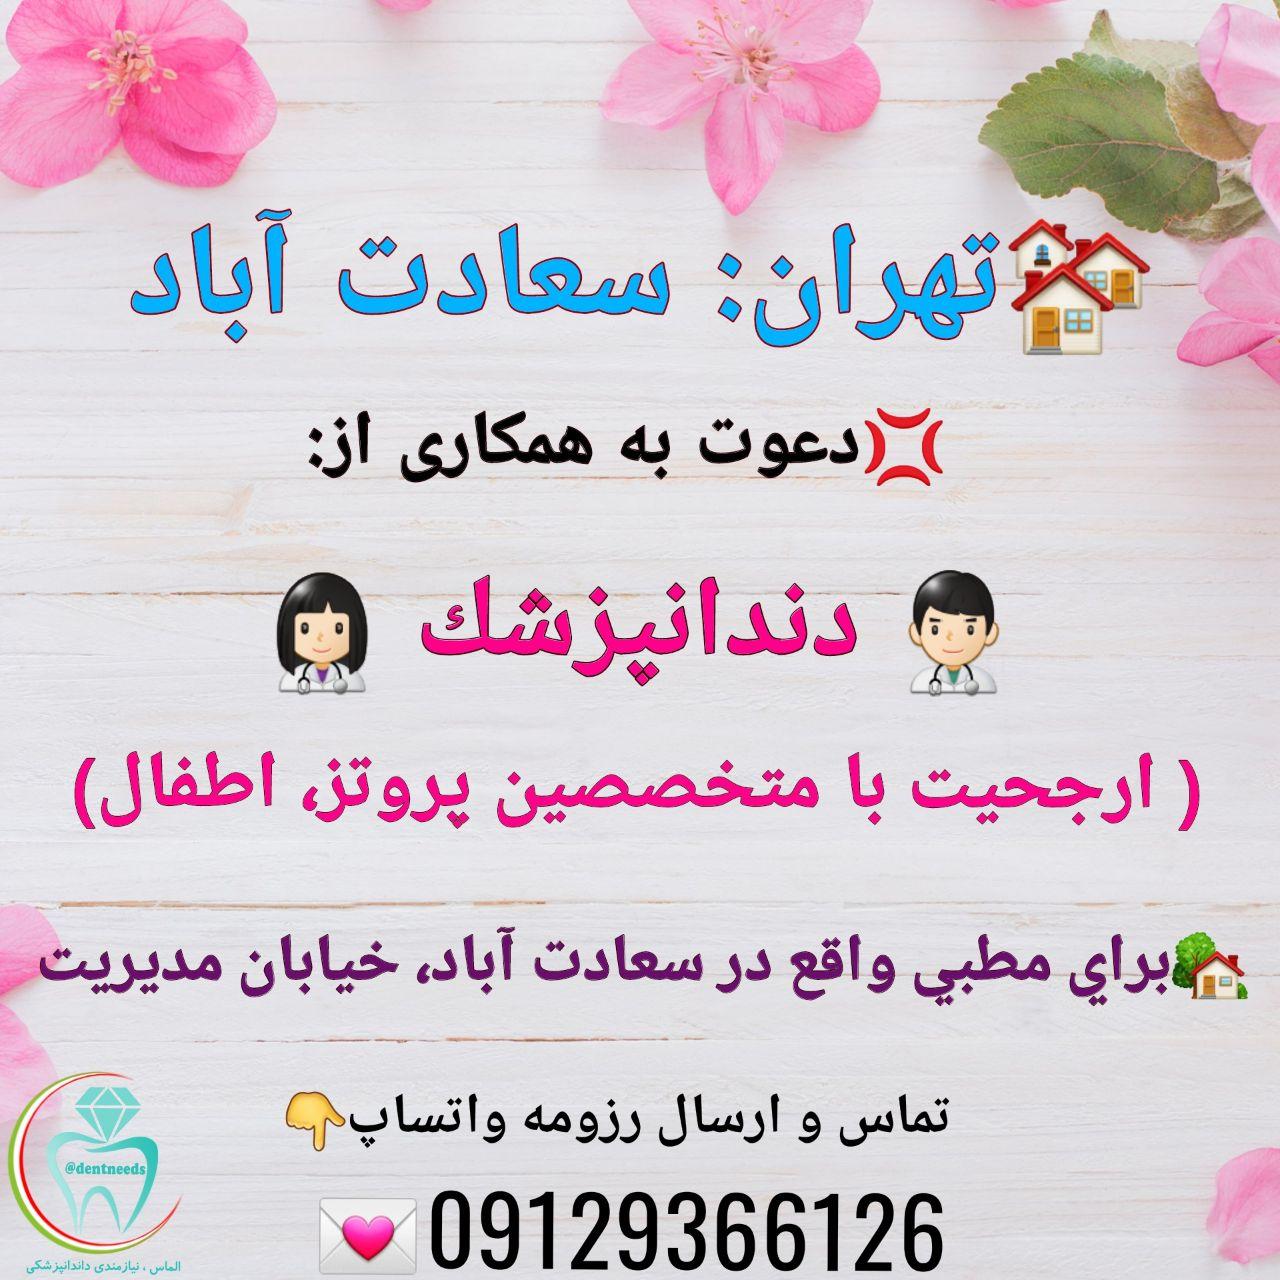 تهران: سعادت آباد، نیاز به دندانپزشک (ارجحیت با متخصصین پروتز، اطفال )